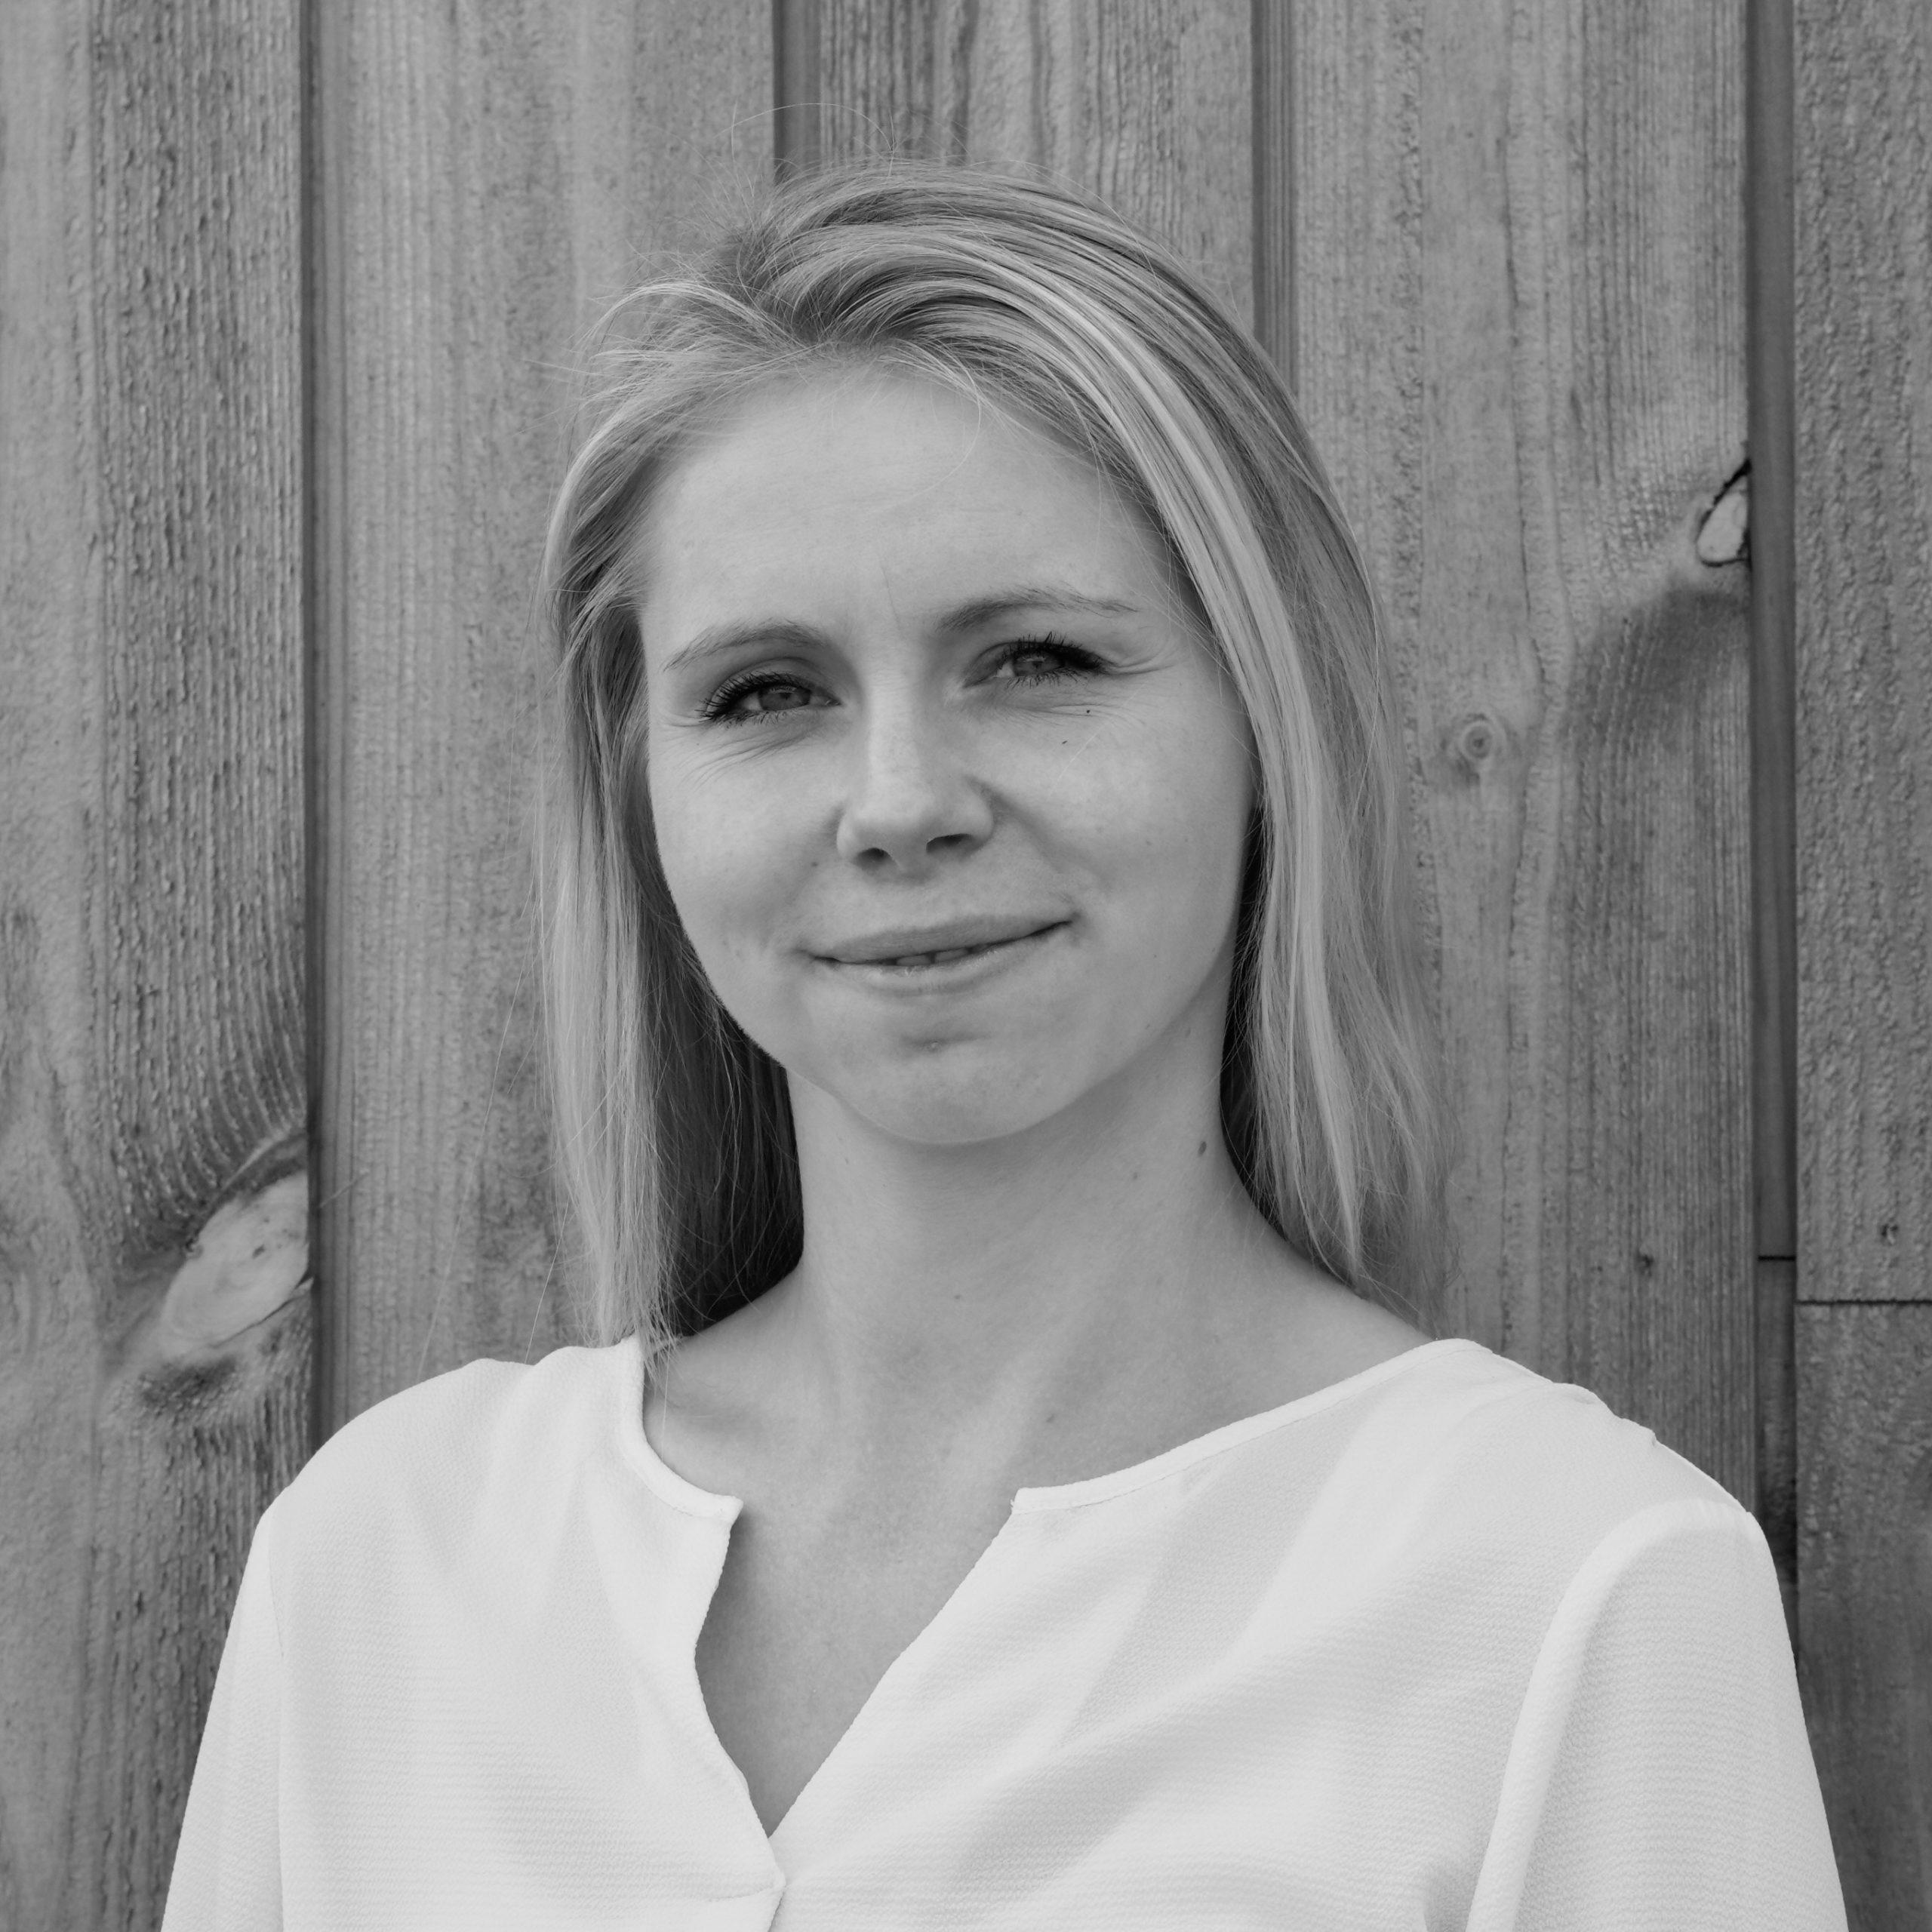 Karine Haugen